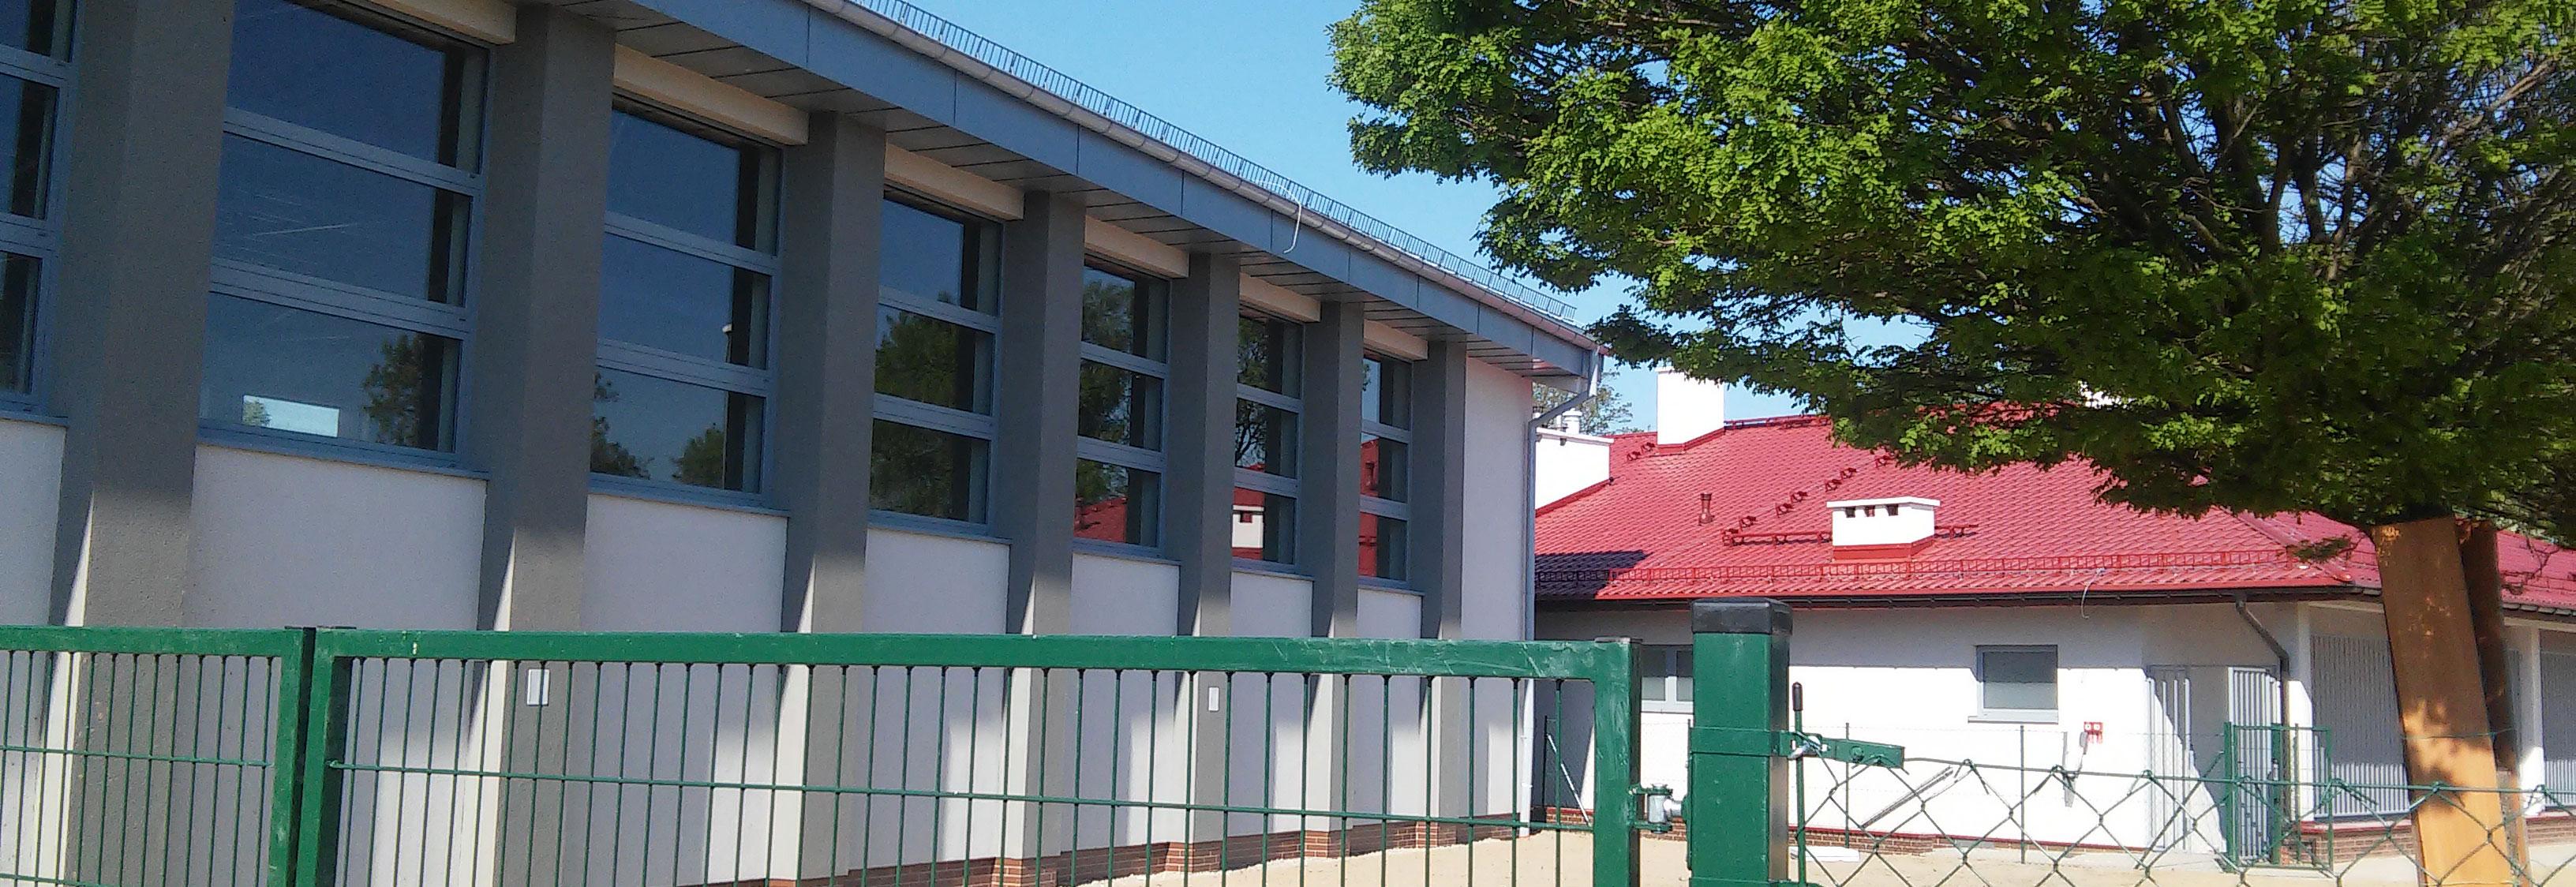 Budowa sali gimnastycznej w Dobrzeniu zmierza ku końcowi